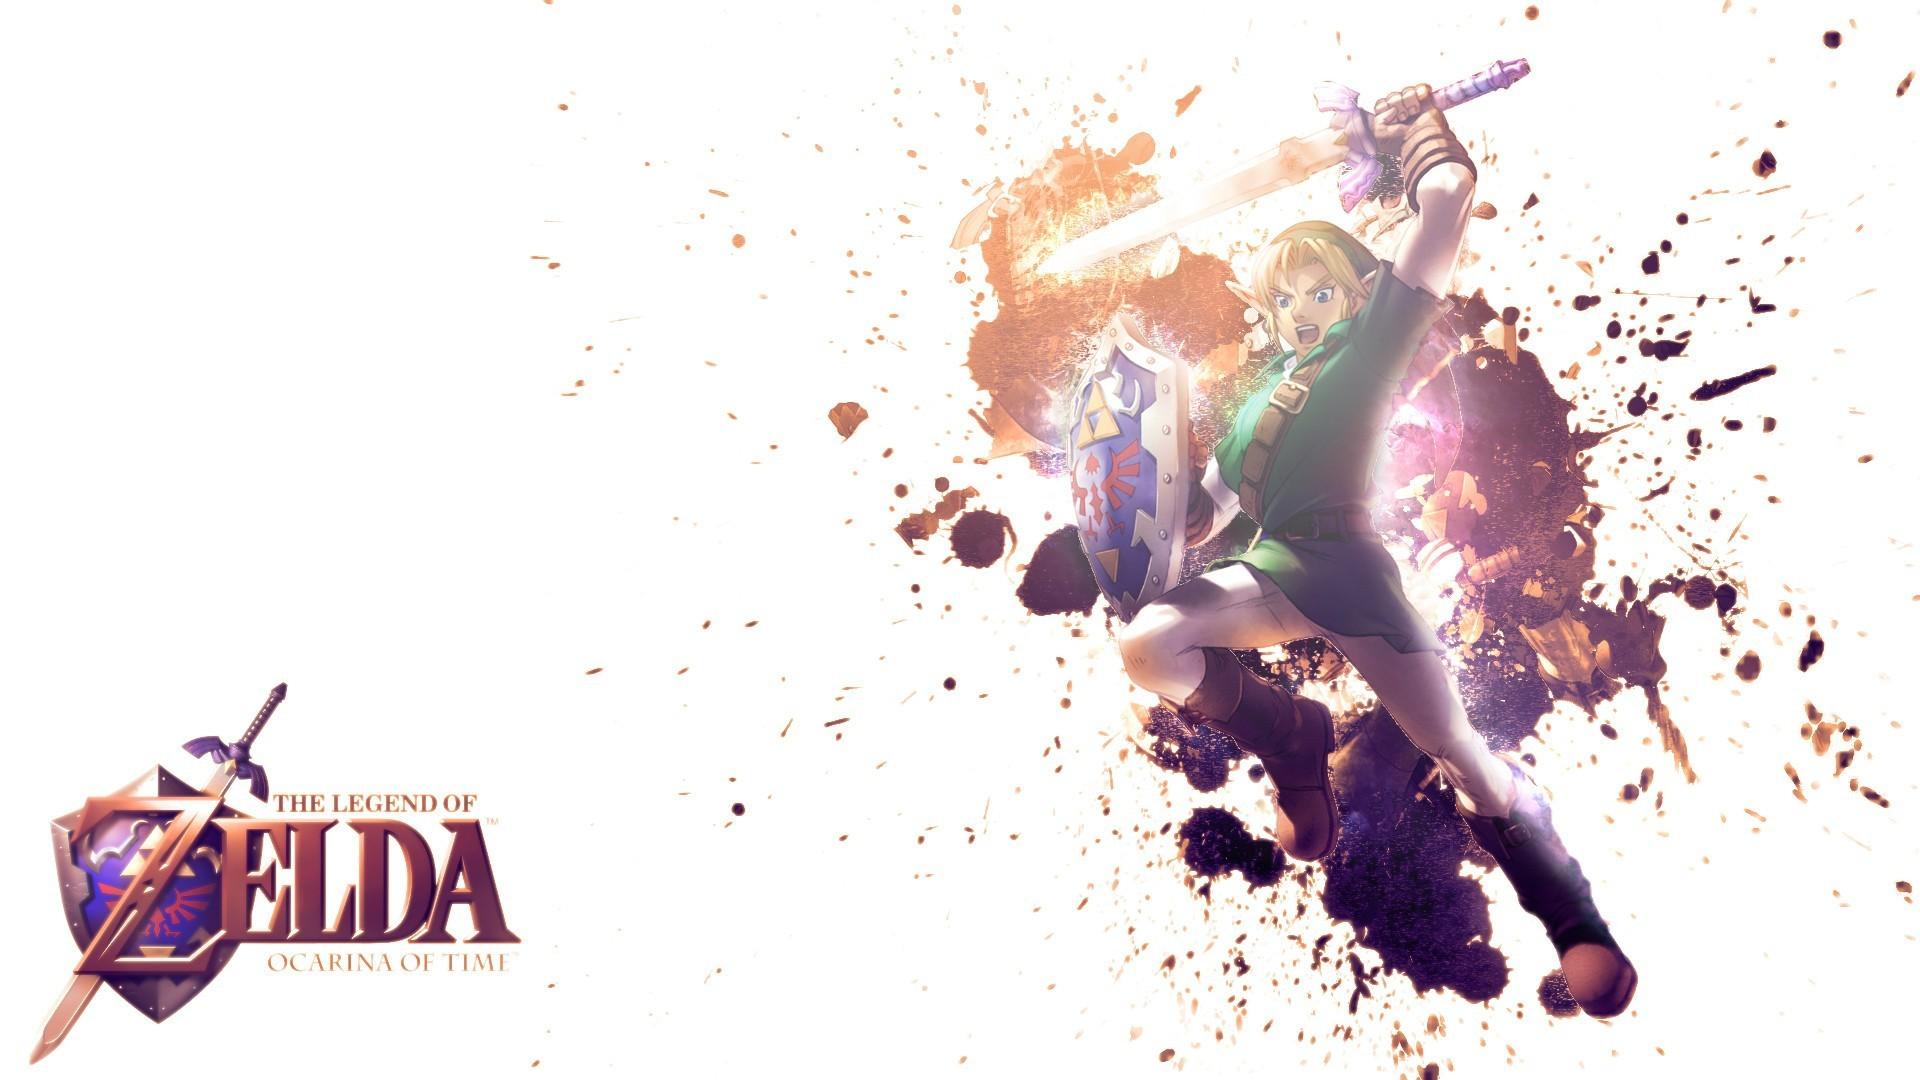 Legend Of Zelda Ocarina Of Time Wallpaper Mobile …